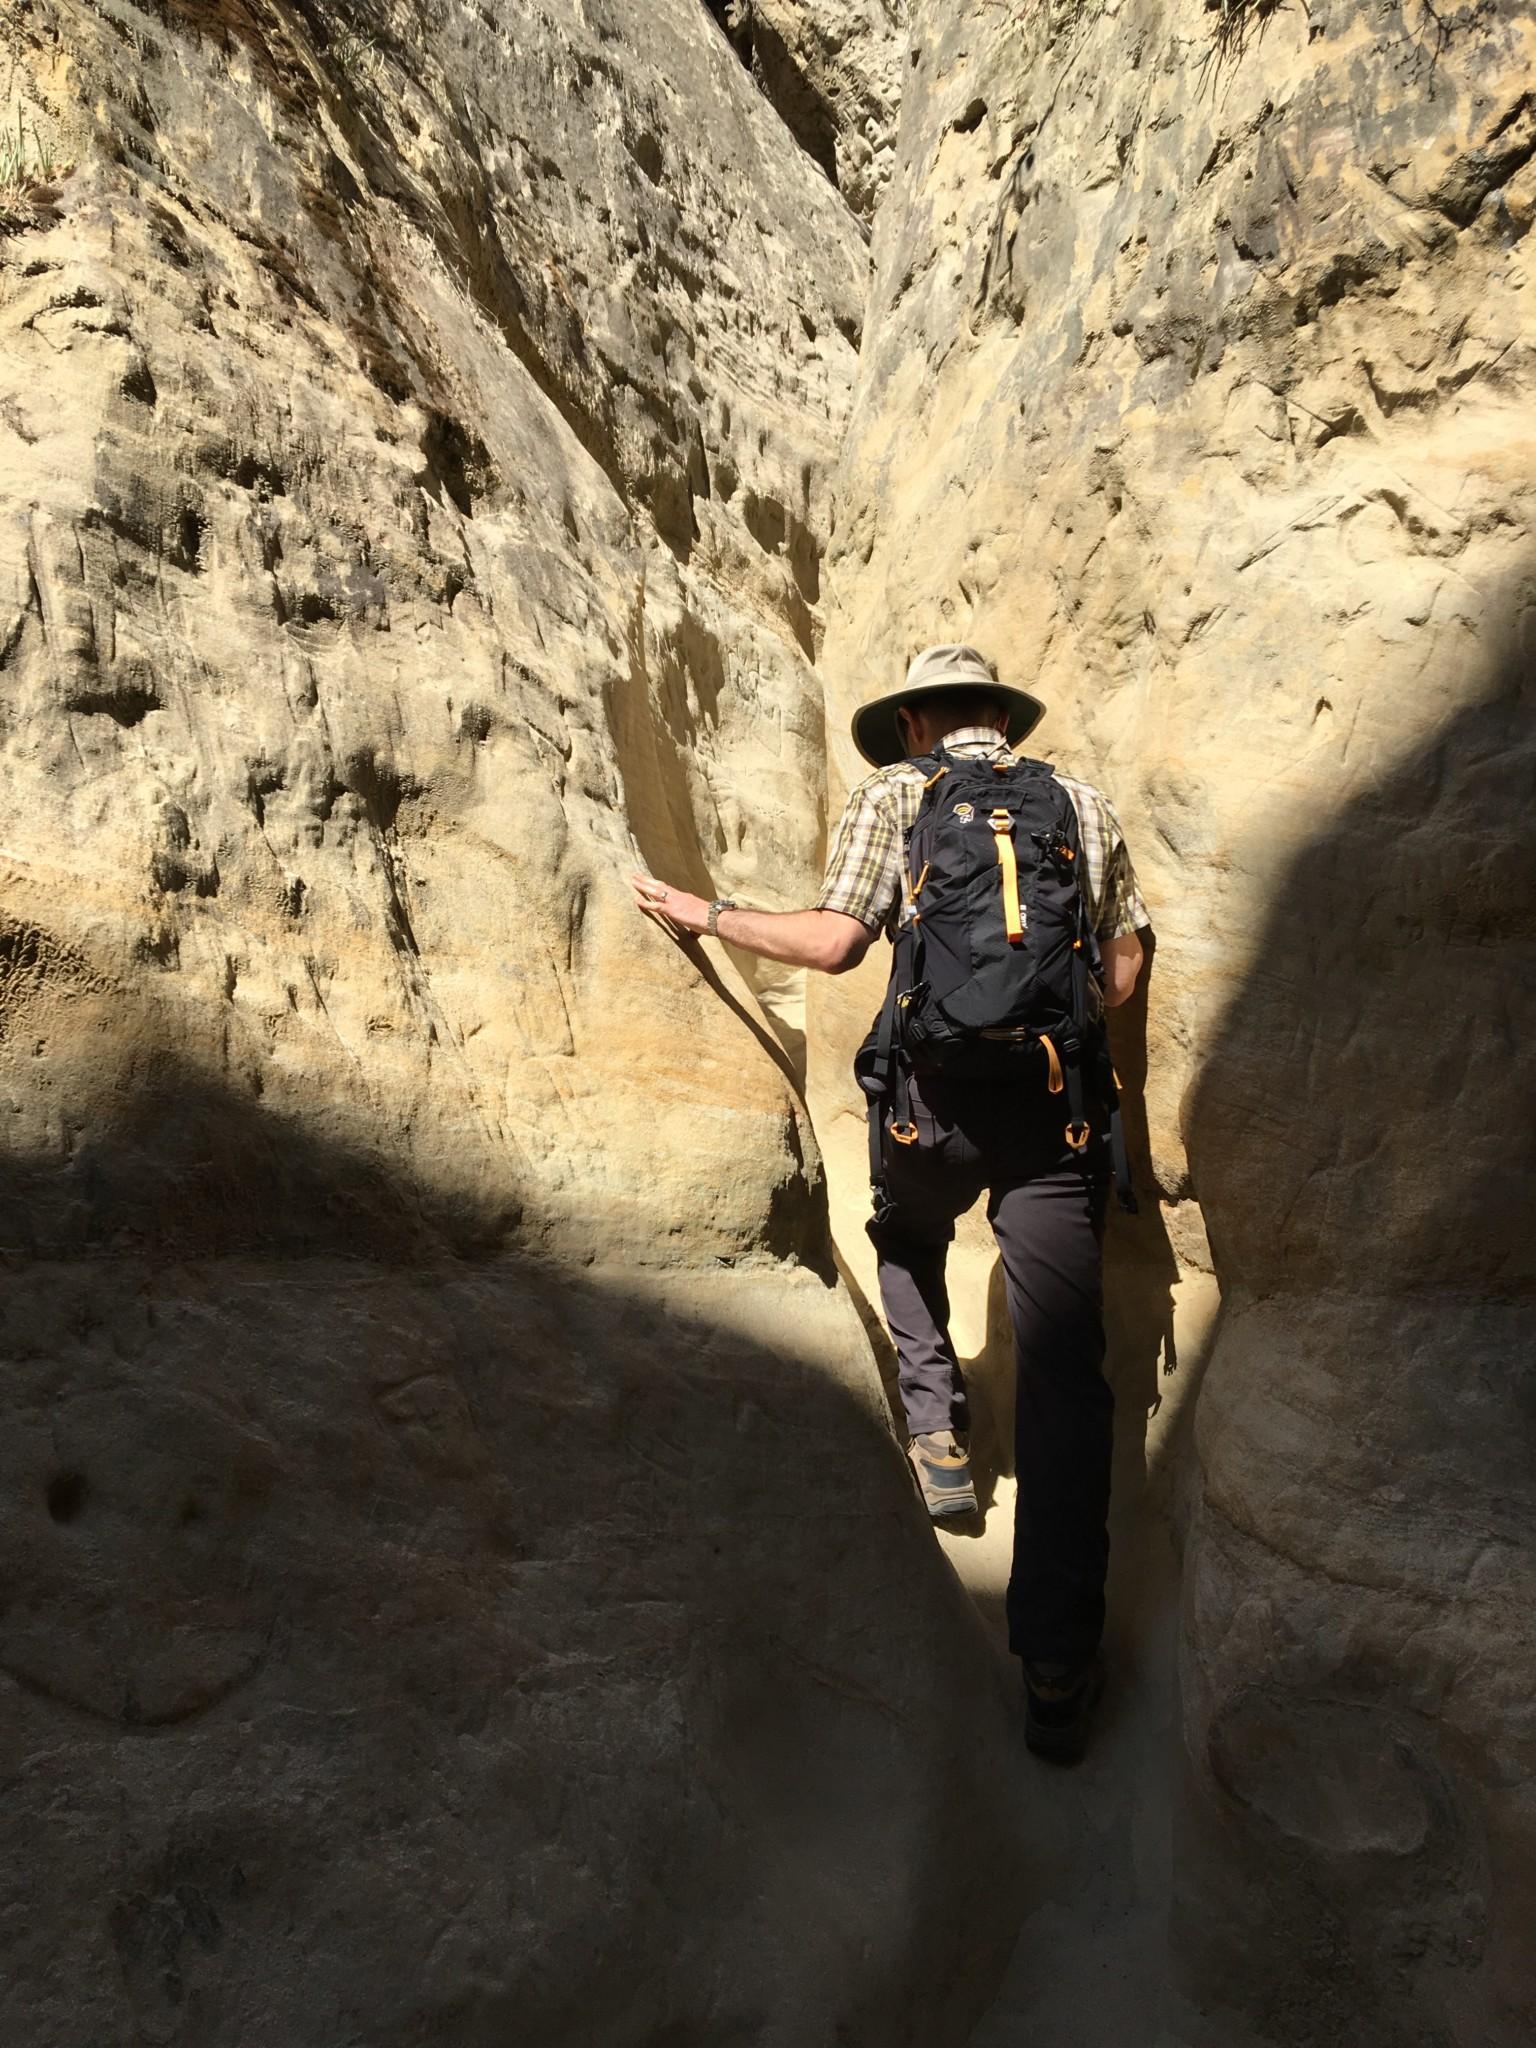 Climbing the slot canyon